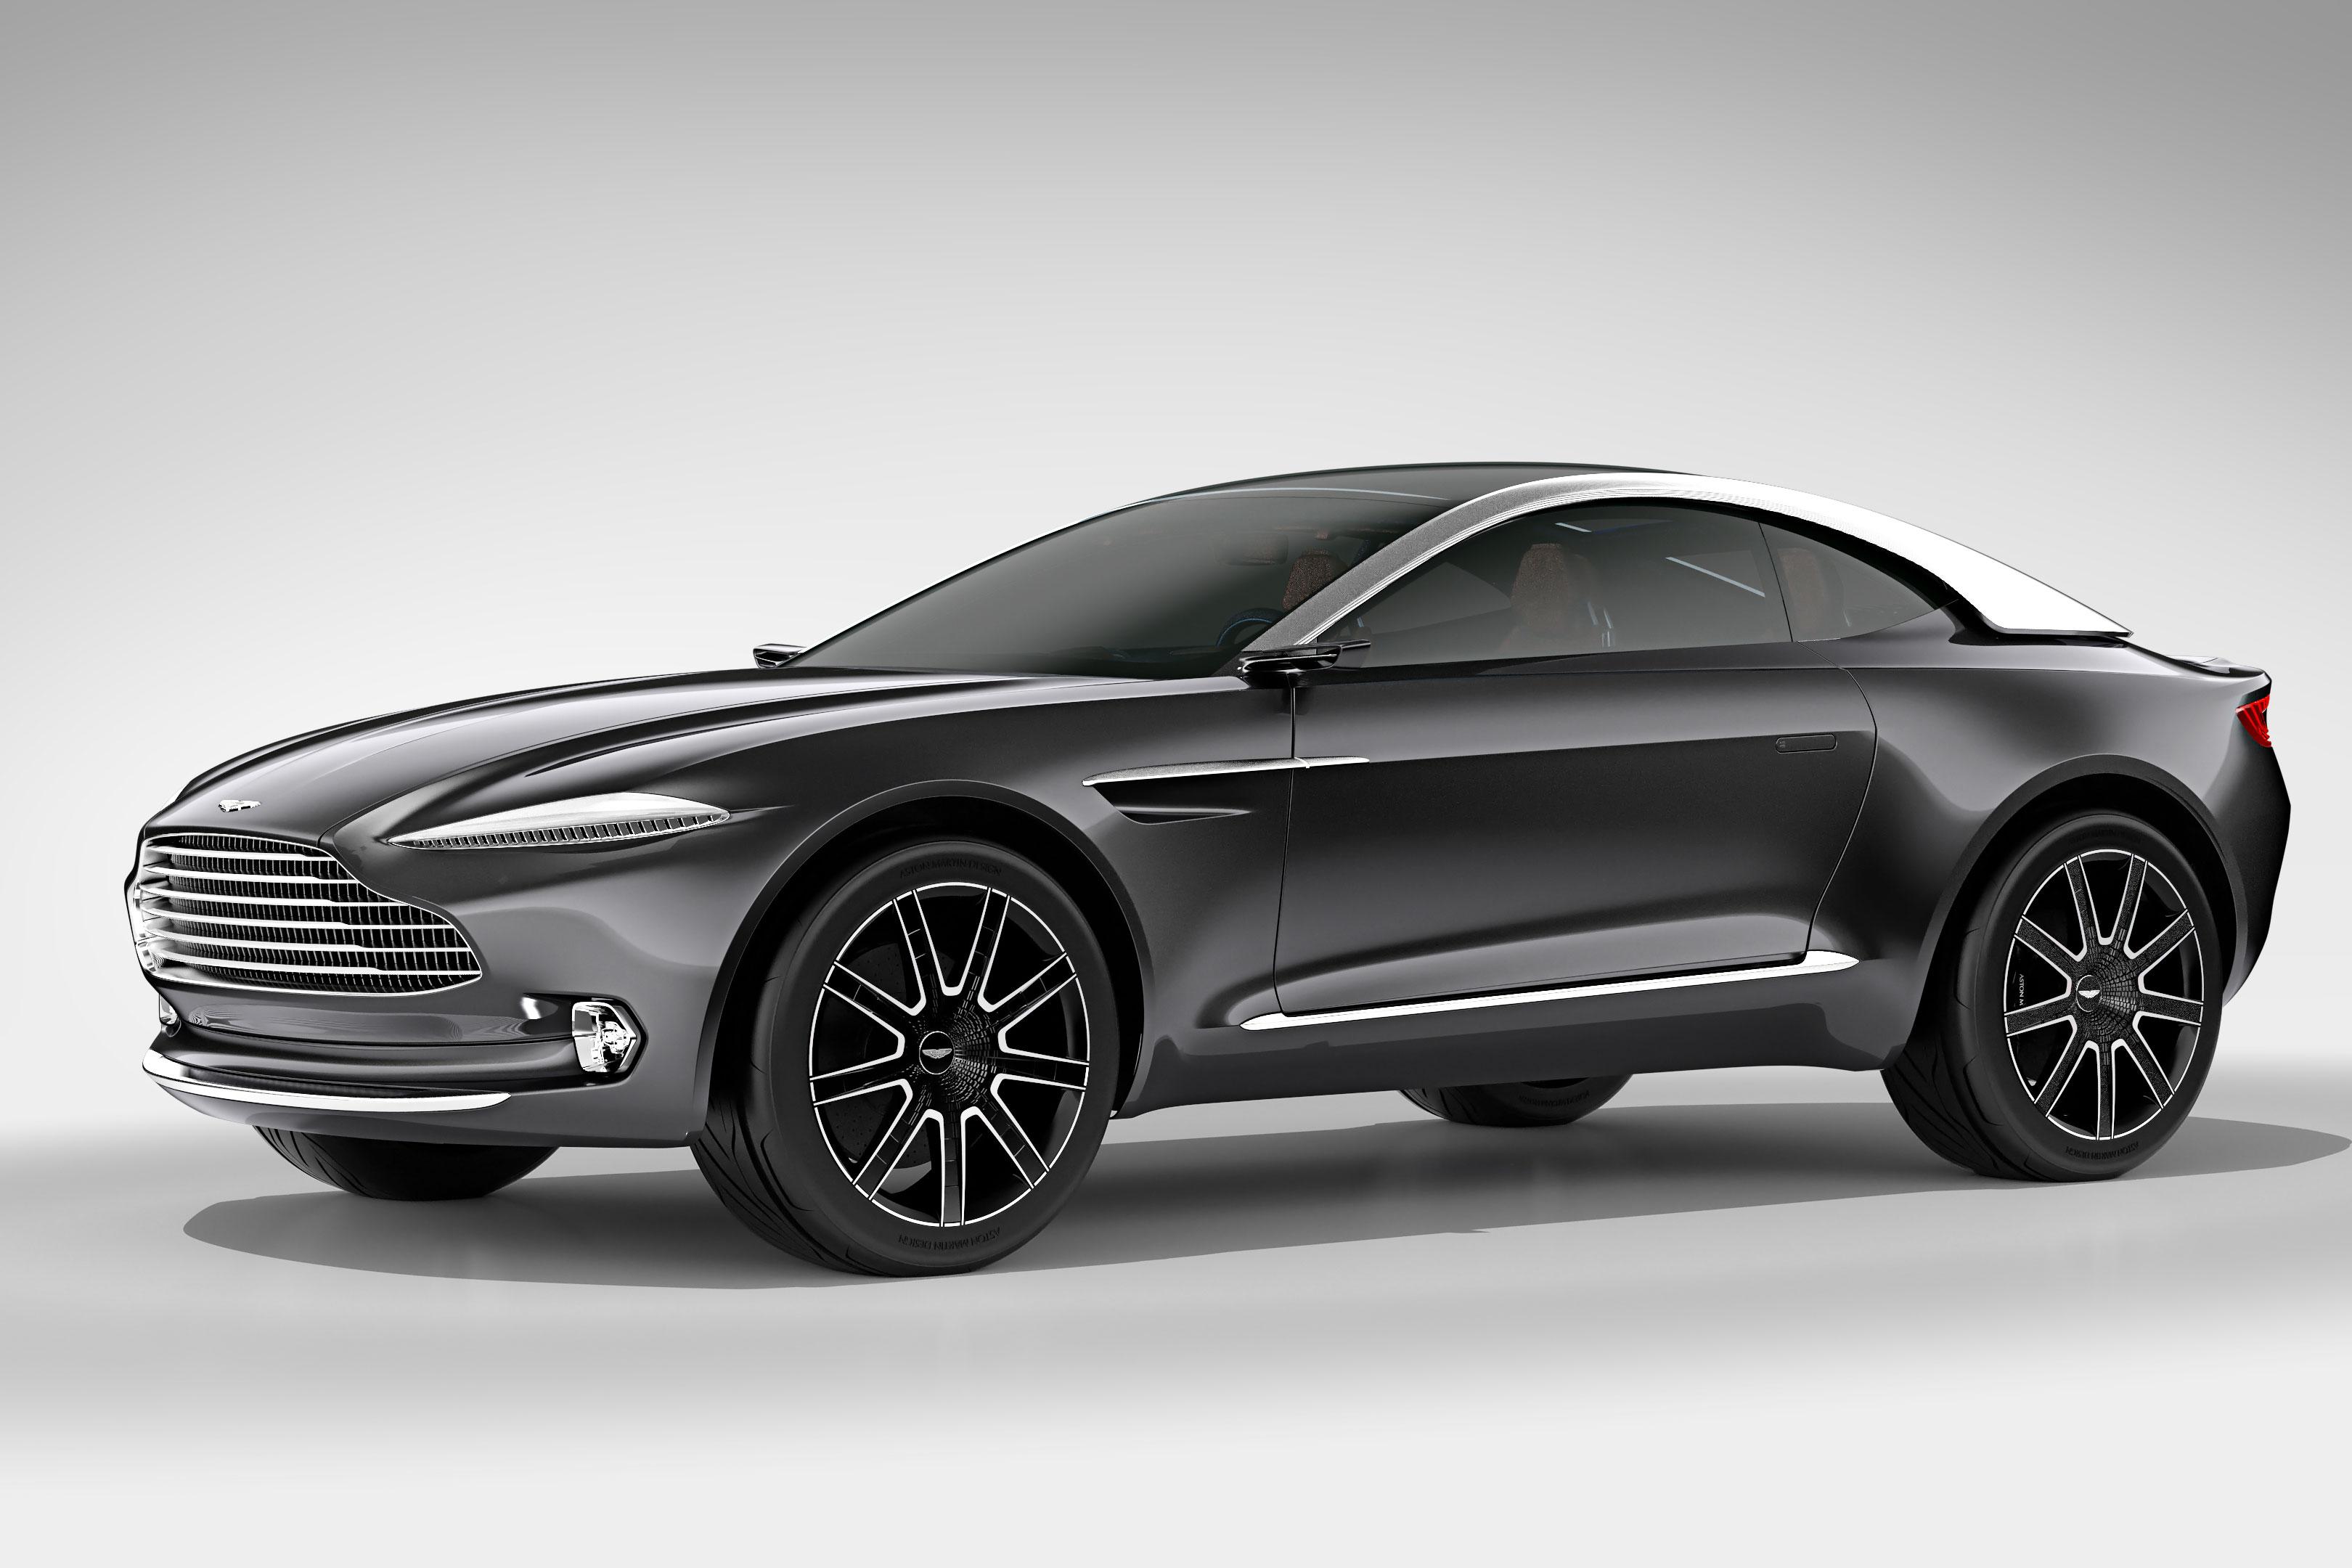 Aston -Martin -DBX